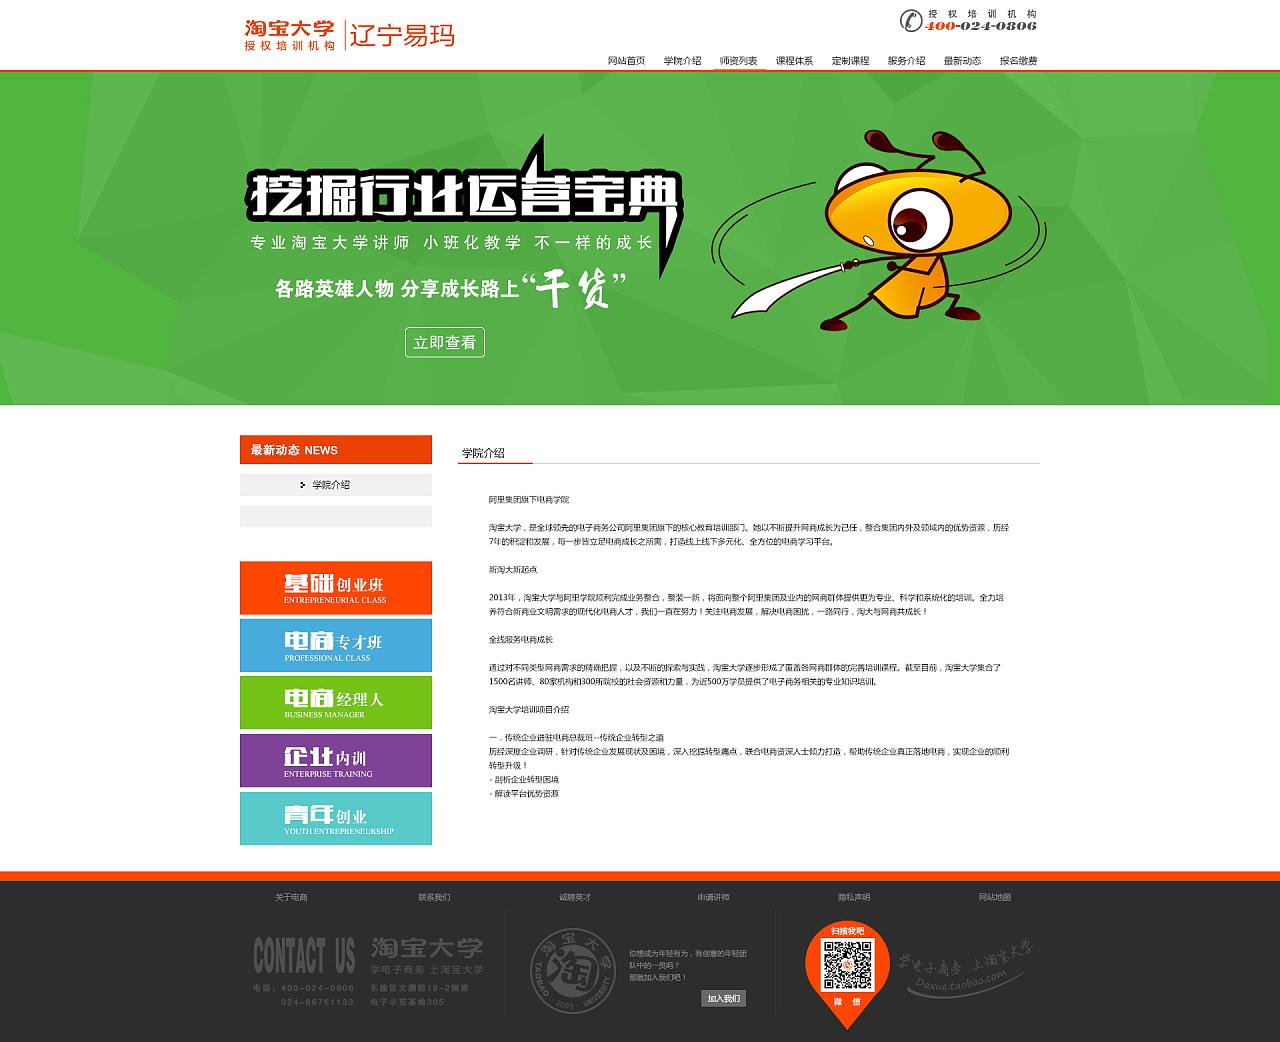 淘宝大学 网页 企业官网 yinyusi - 原创作品 - 站酷